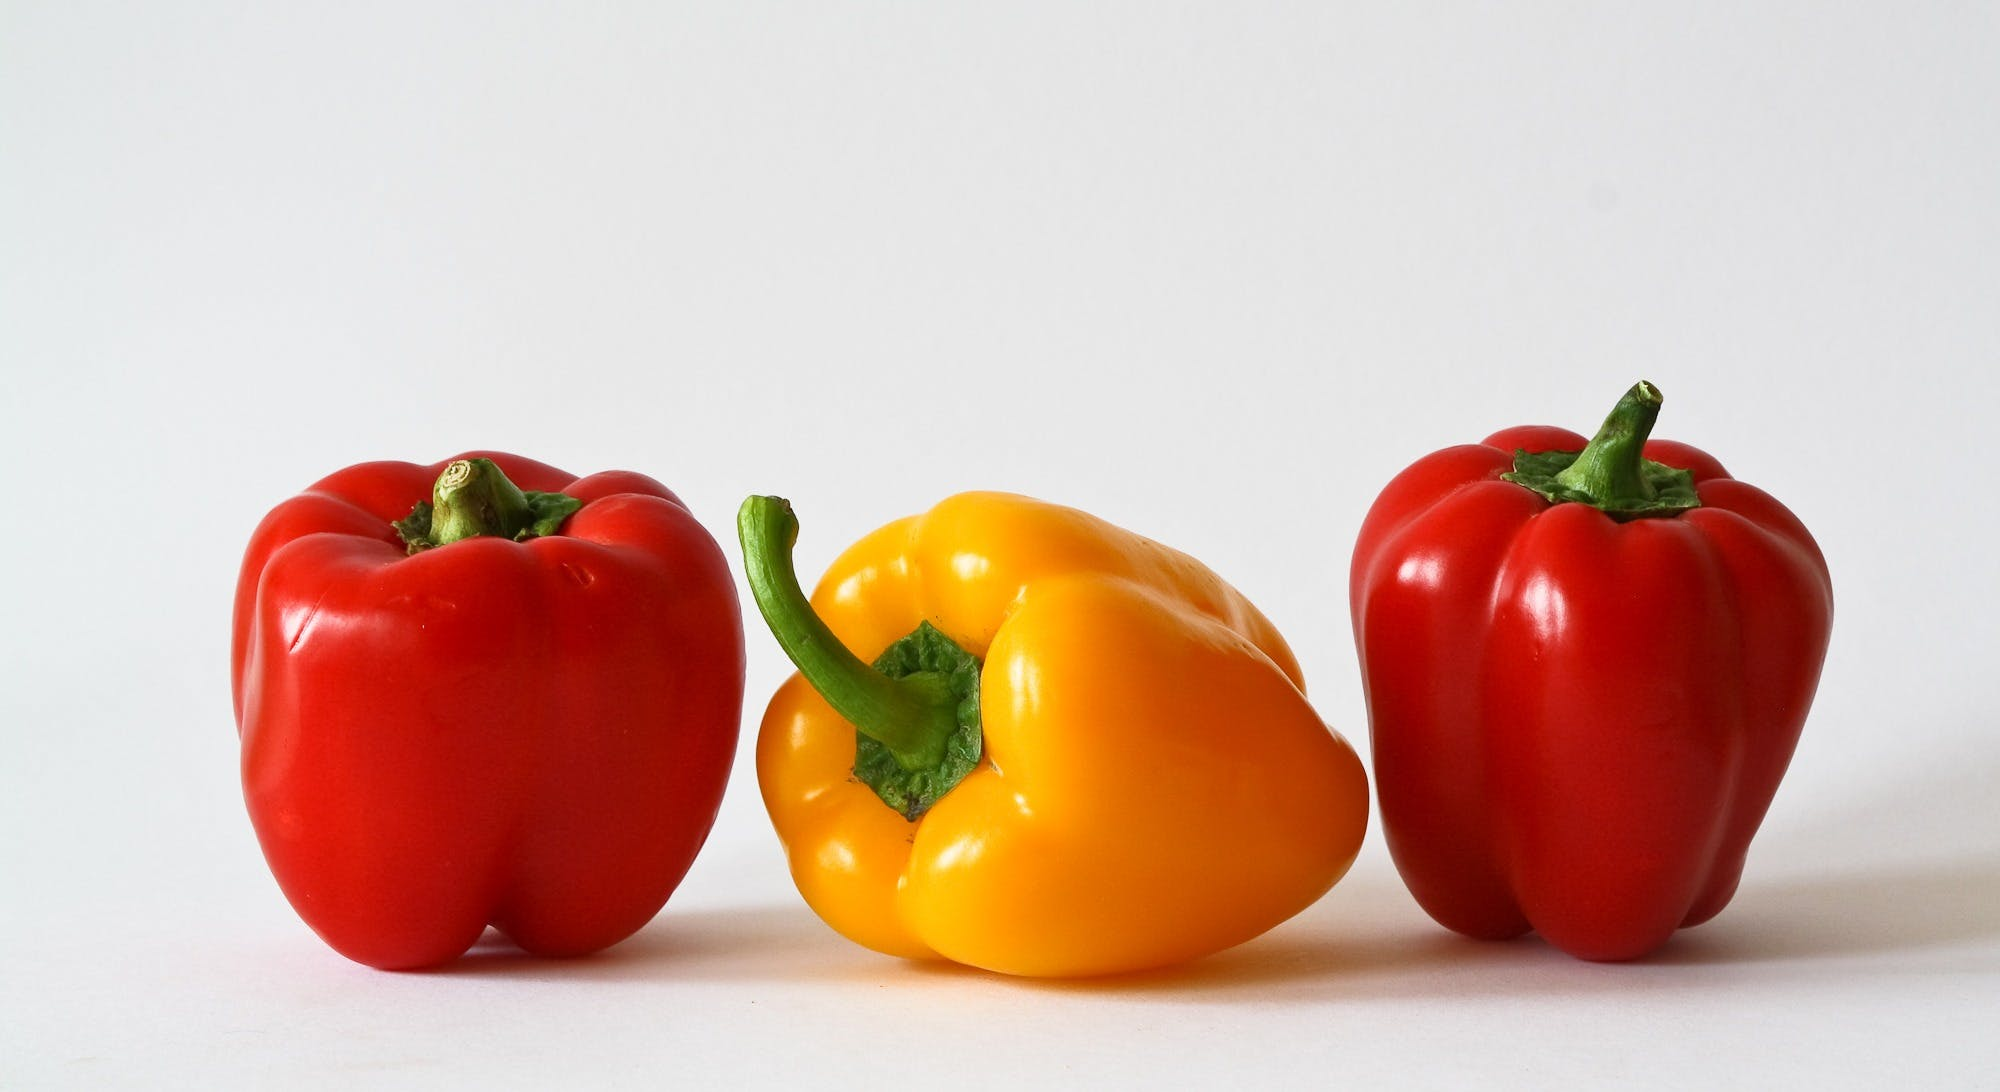 フード, 果物, 赤, 野菜の無料の写真素材